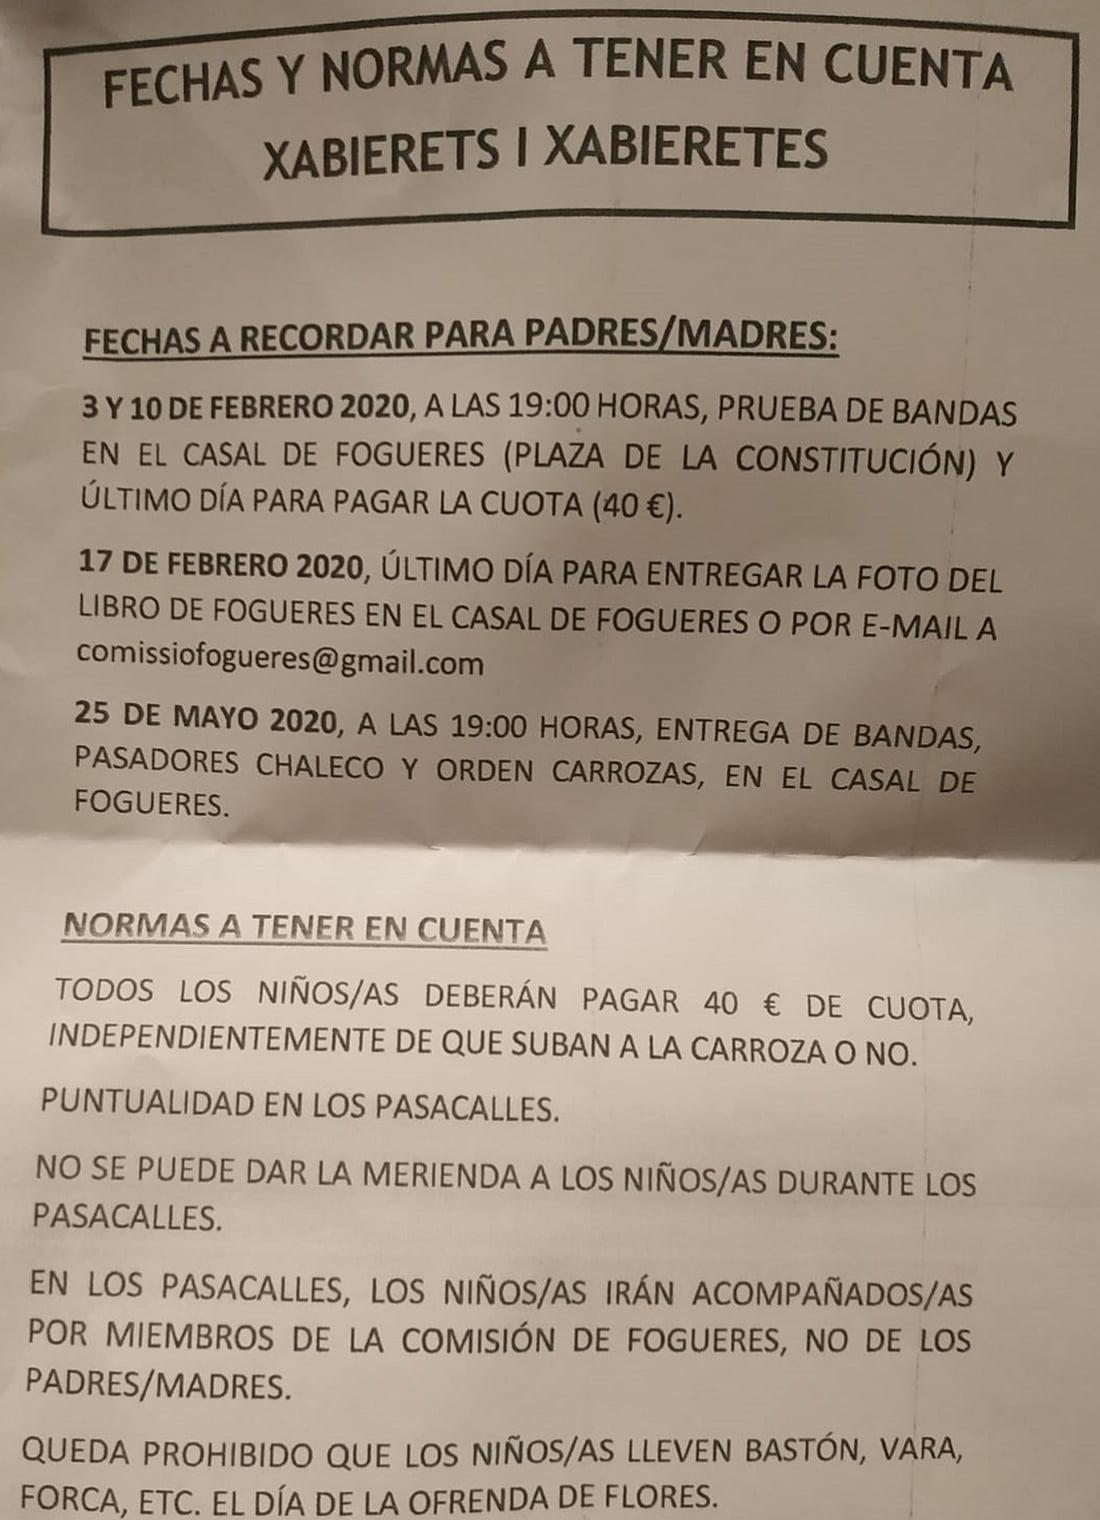 Правила и дни, которые нужно помнить для приготовления Fogueres 2020